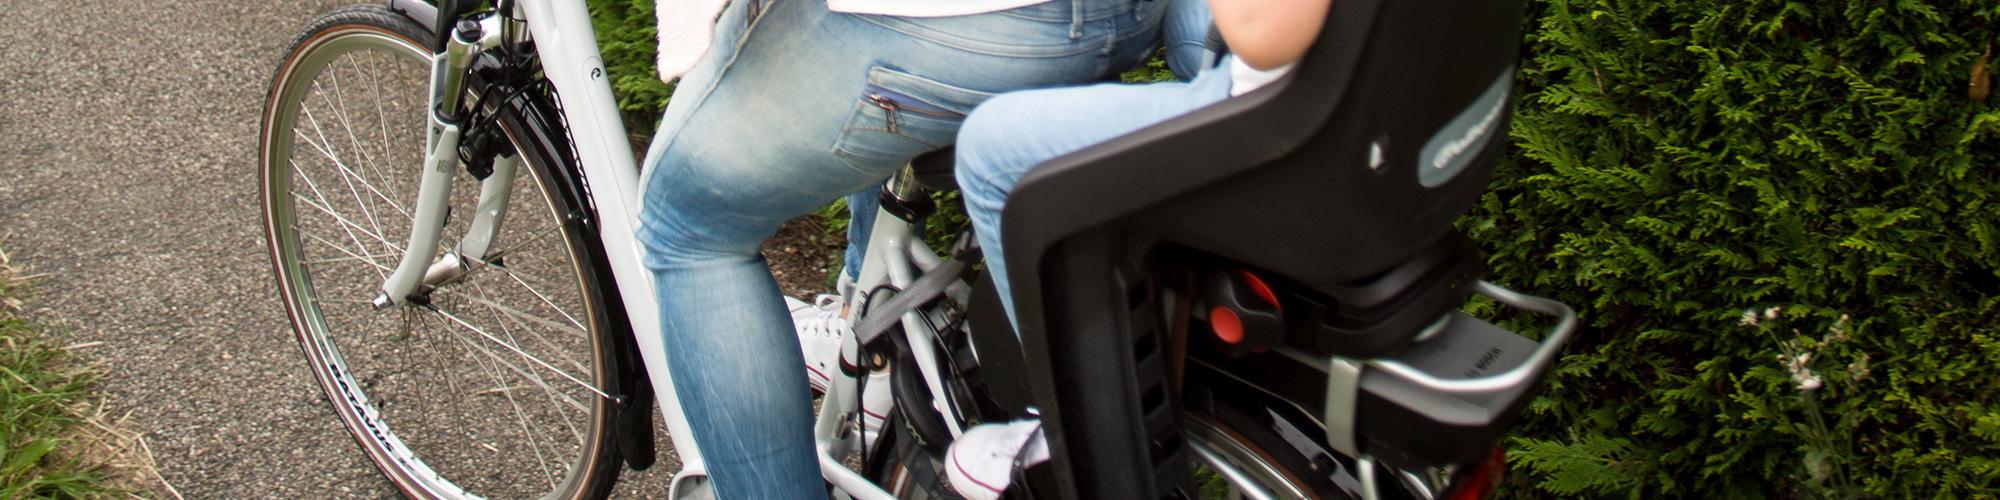 Recambios y accesorios de moto y bicicleta